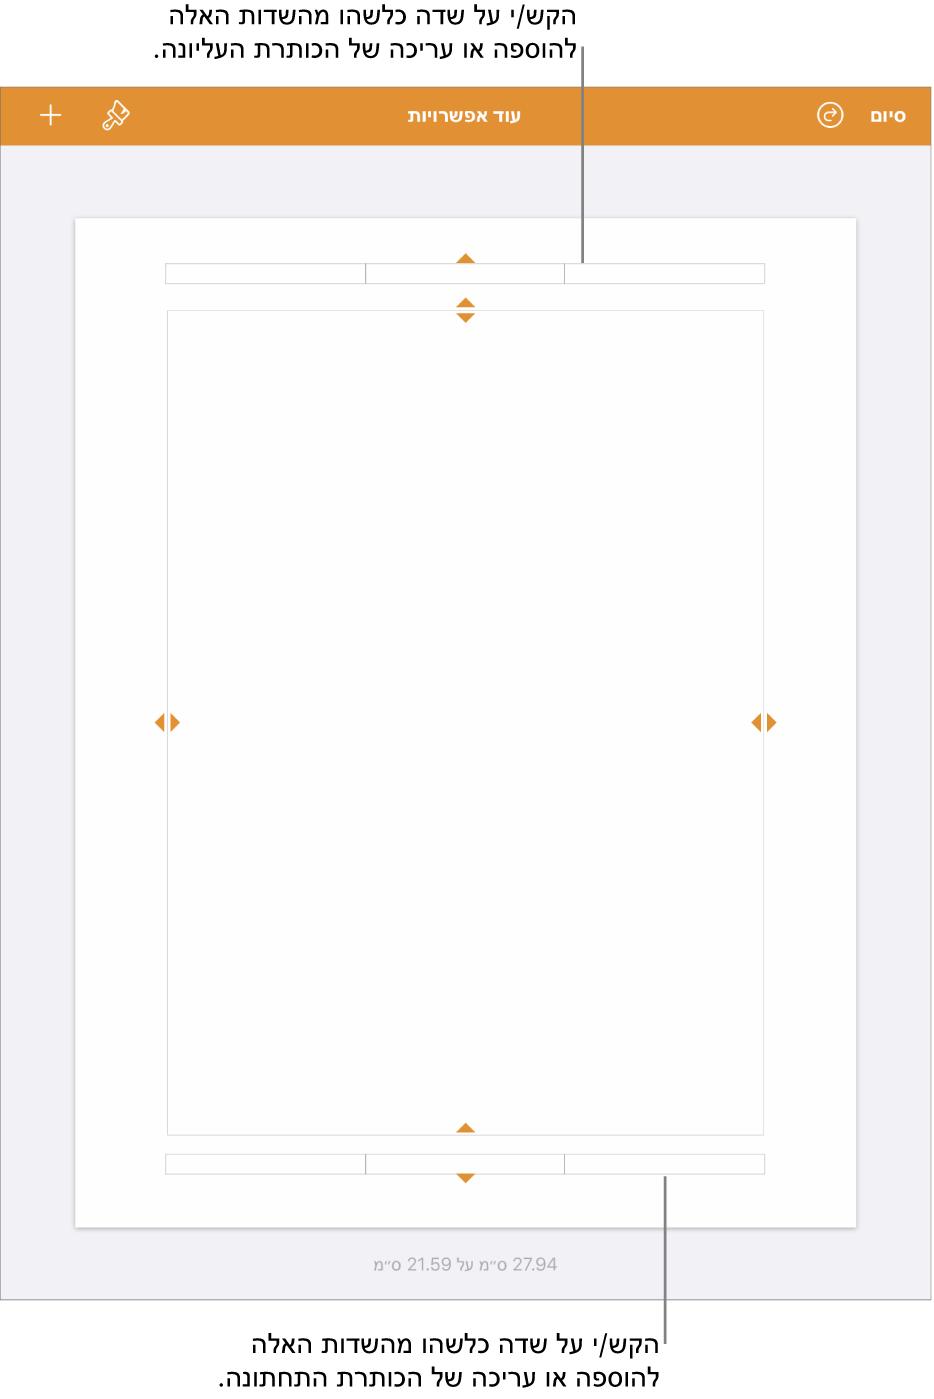 התצוגה ״אפשרויות נוספות״ עם שלושה שדות בחלק העליון של המסמך עבור כותרות עליונות ושלושה שדות בחלק התחתון עבור כותרות תחתונות.